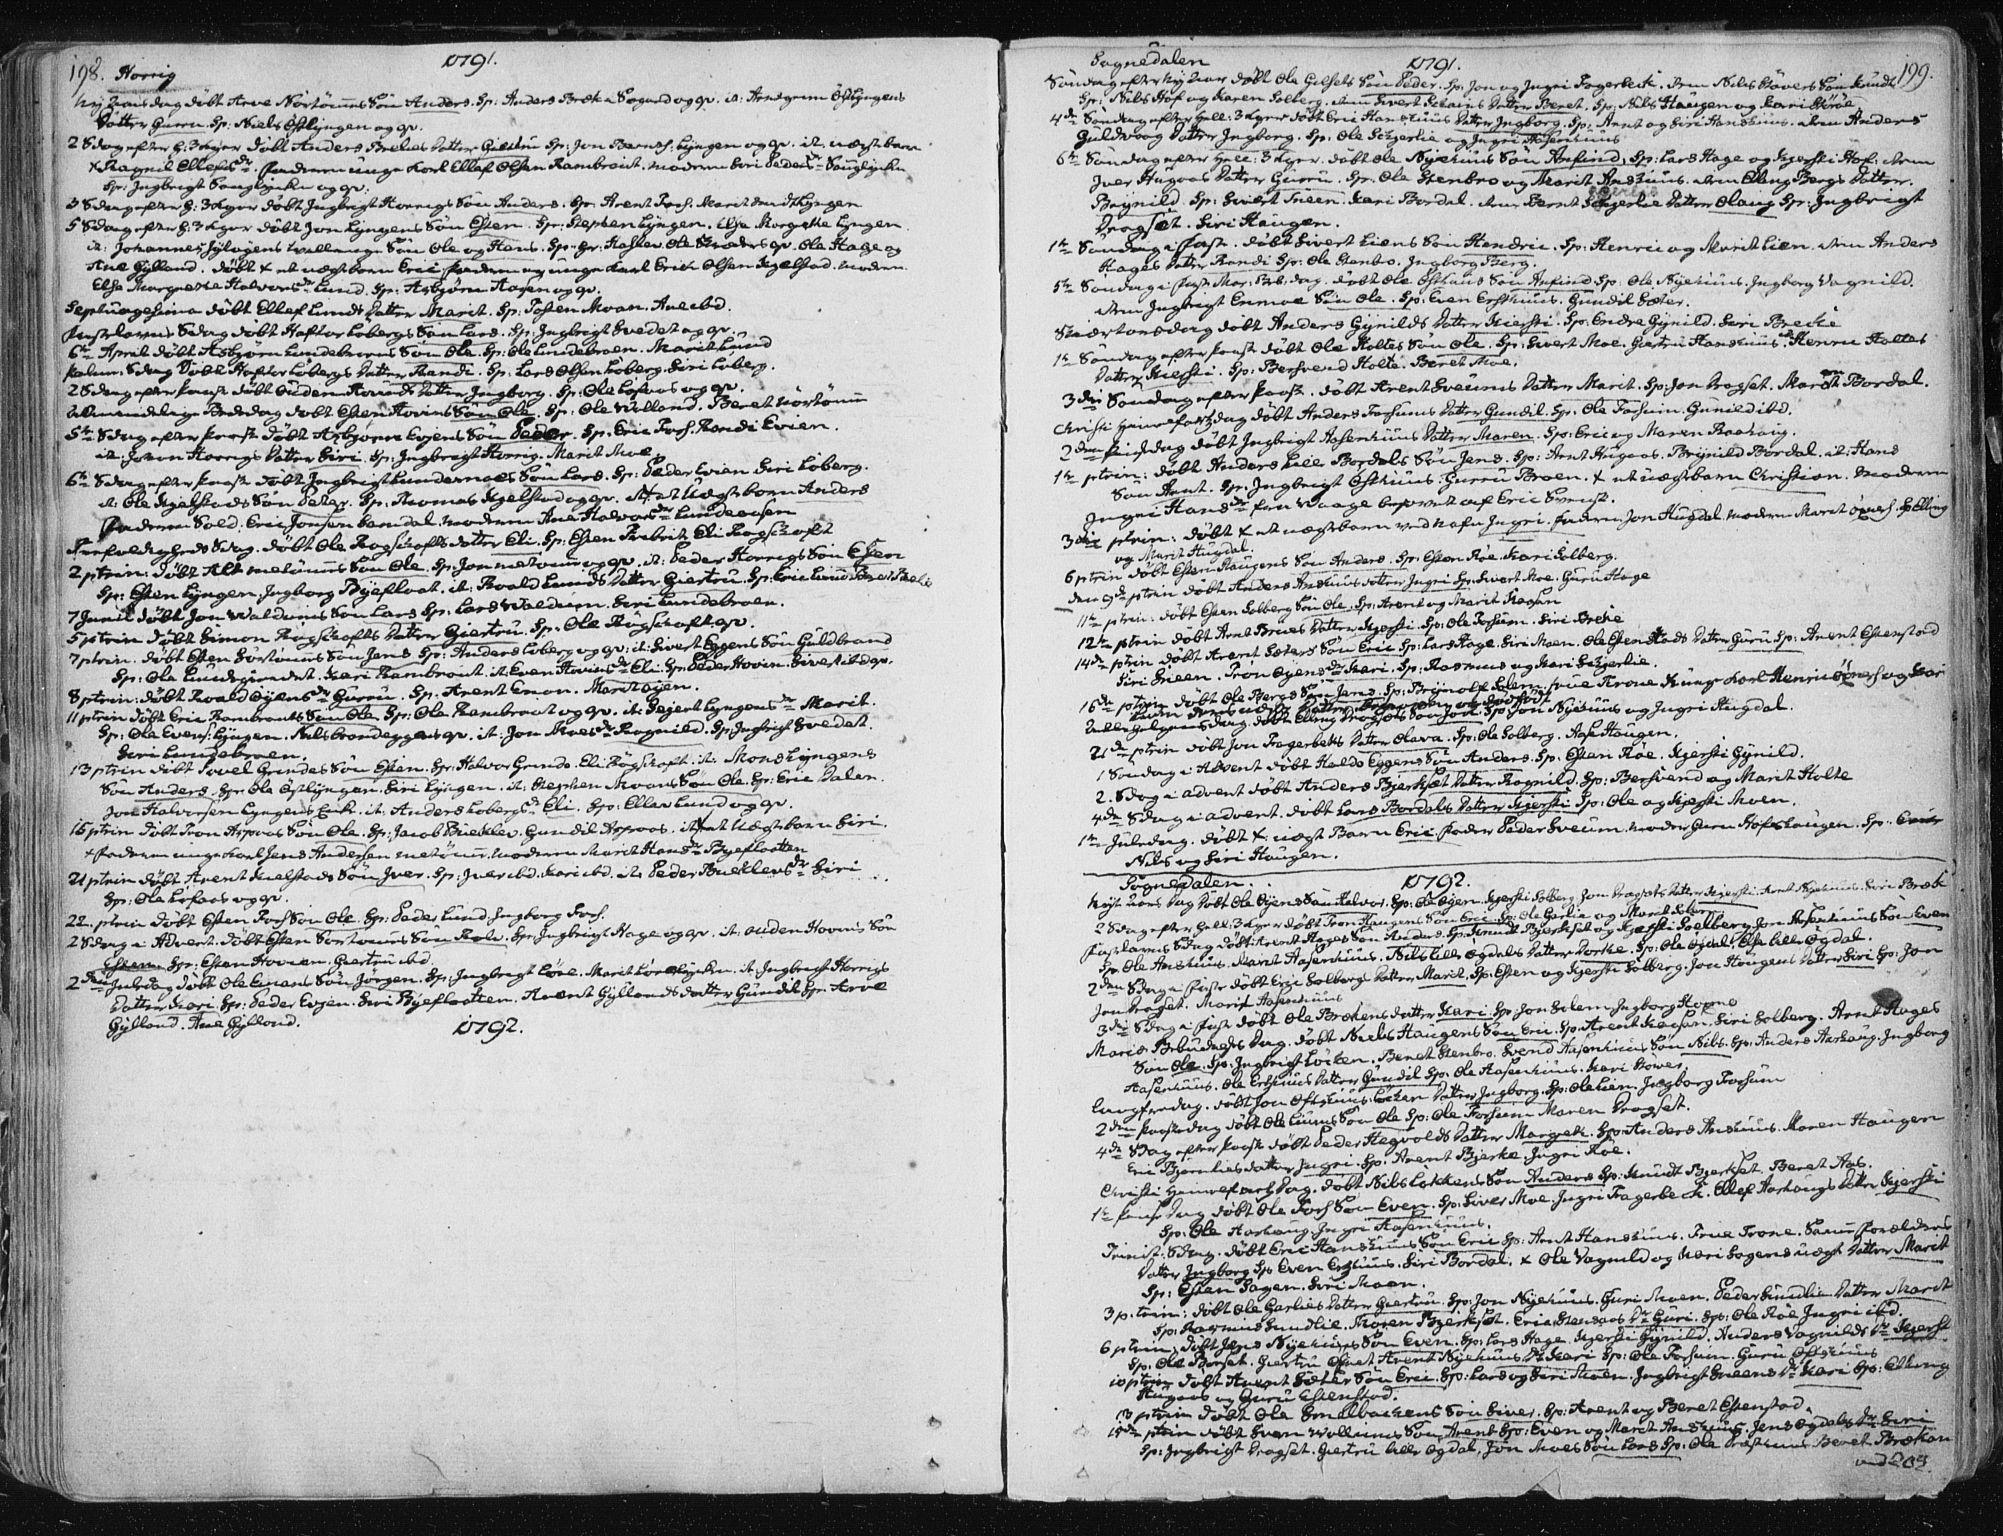 SAT, Ministerialprotokoller, klokkerbøker og fødselsregistre - Sør-Trøndelag, 687/L0992: Ministerialbok nr. 687A03 /1, 1788-1815, s. 198-199